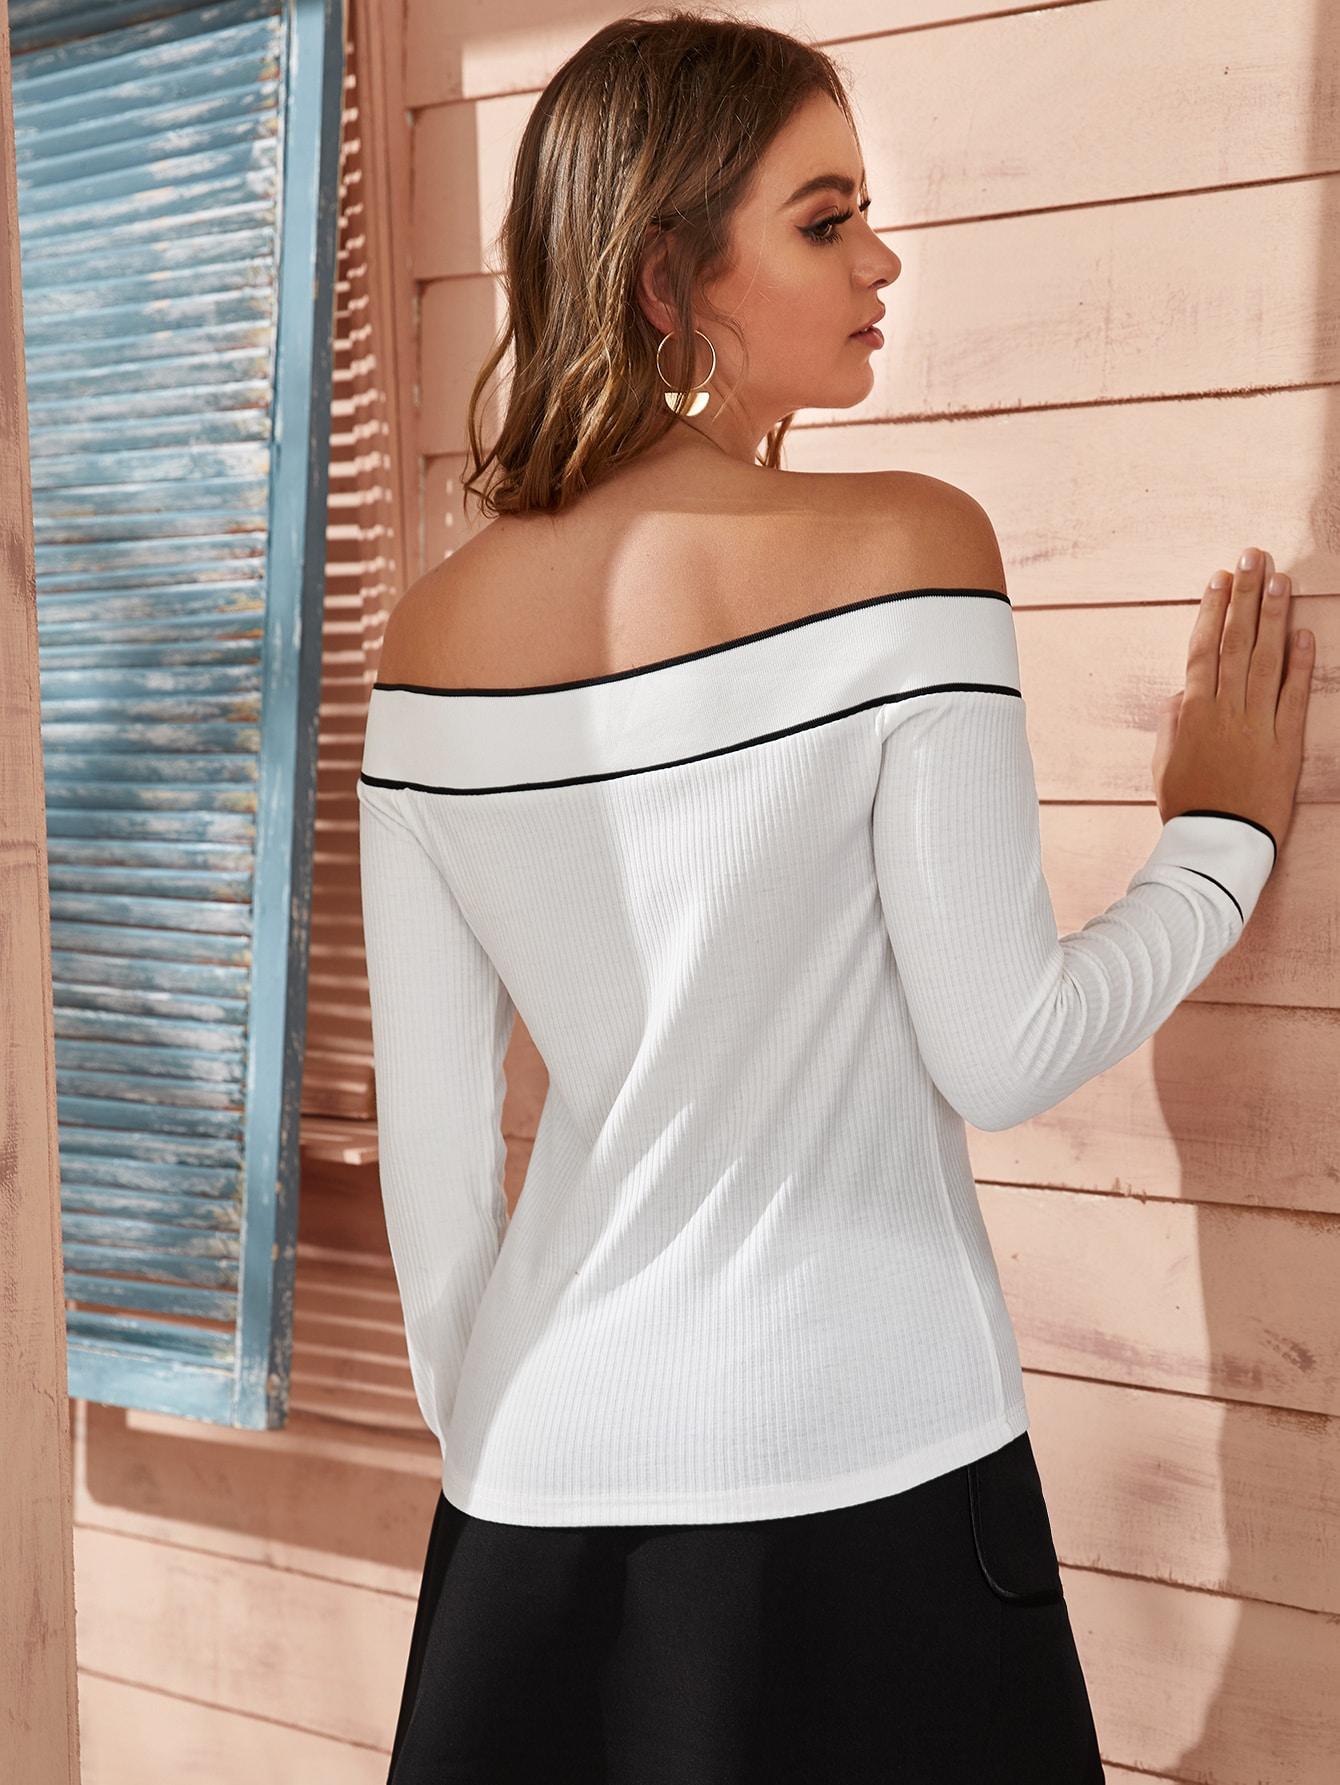 SHEIN / Camiseta de hombros descubiertos con alfiler en contraste